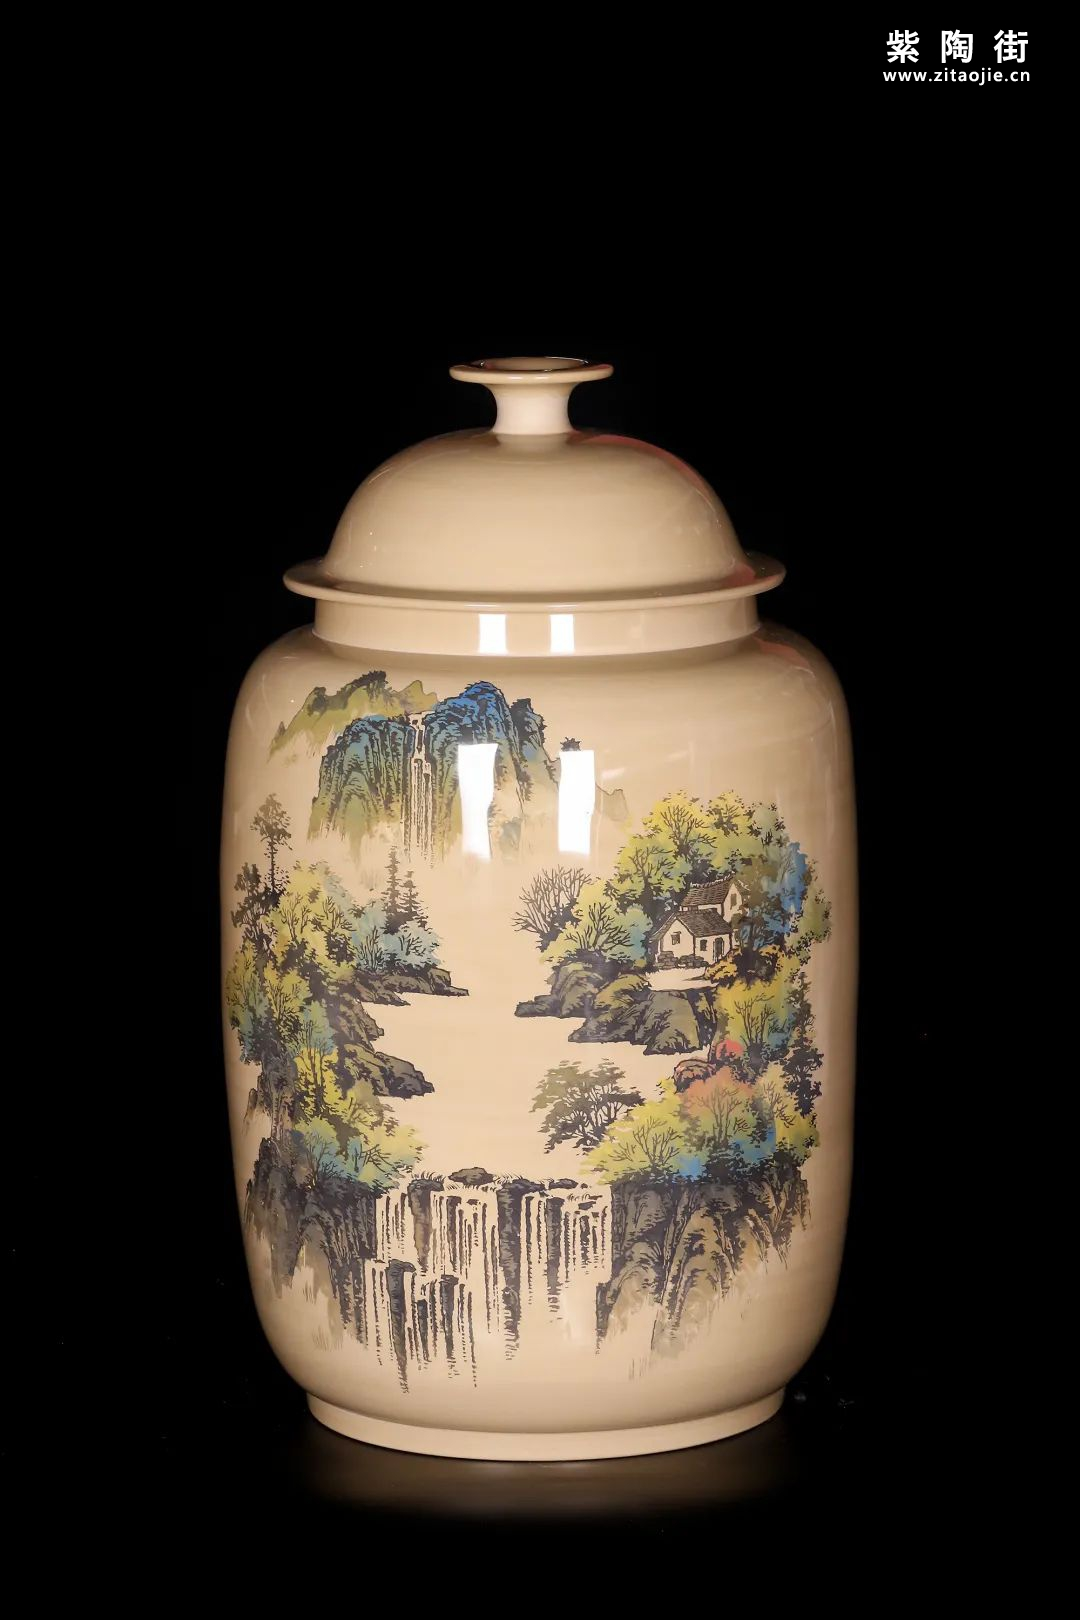 廖建忠、廖渊涵的青绿山水装饰紫陶缸插图8